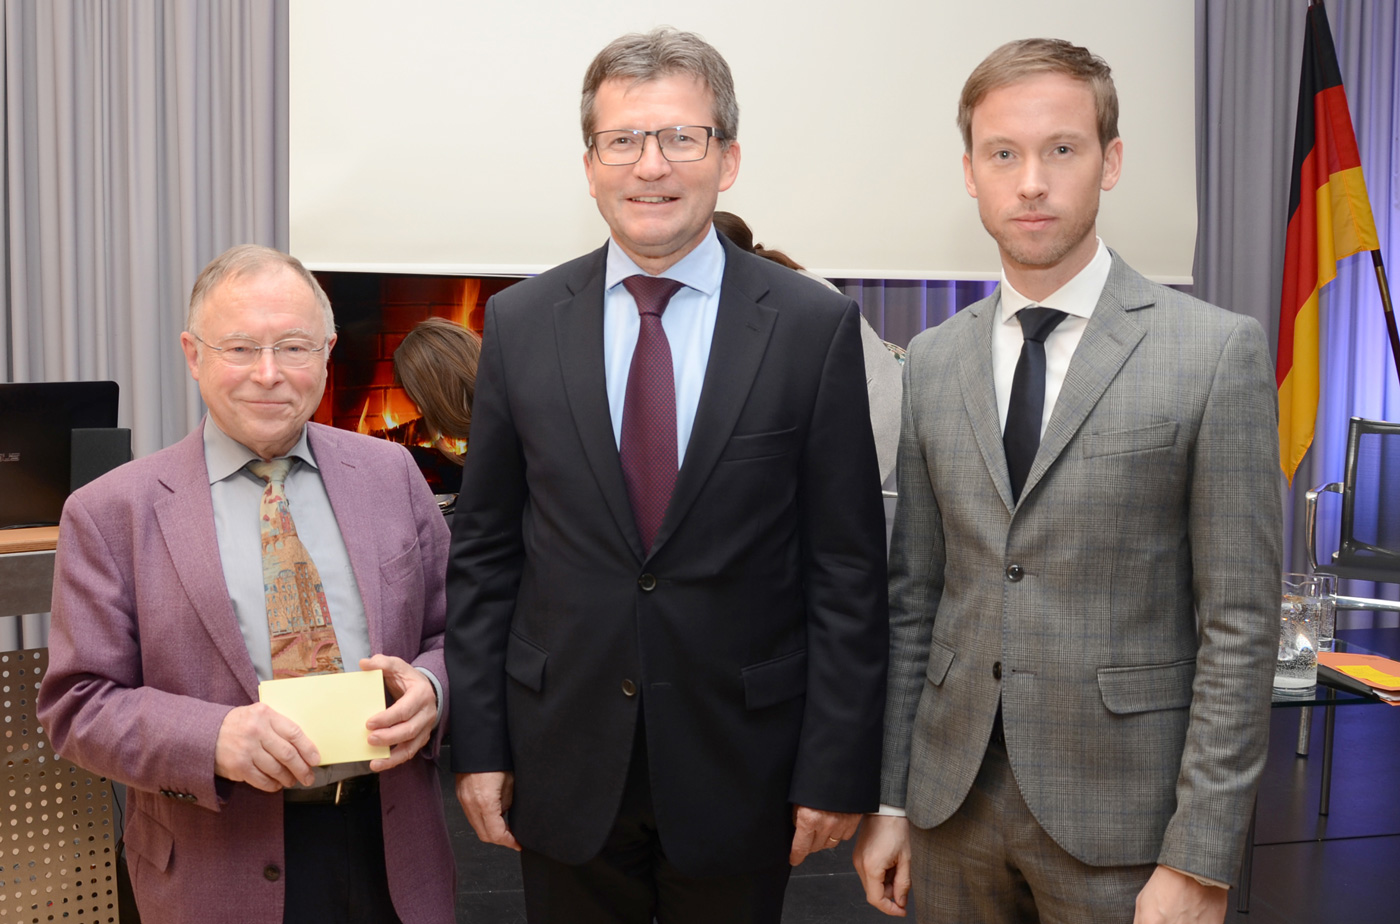 Dr. Sebastian Reddecker, CEO Von Luxembourg For Tourism, S.E. Jean Graff, Botschafter Des Großherzogtums Luxemburg, Und Moderator Rainer Bücken, Redaktionsbüro (v.r./Foto: Gero Schreier)